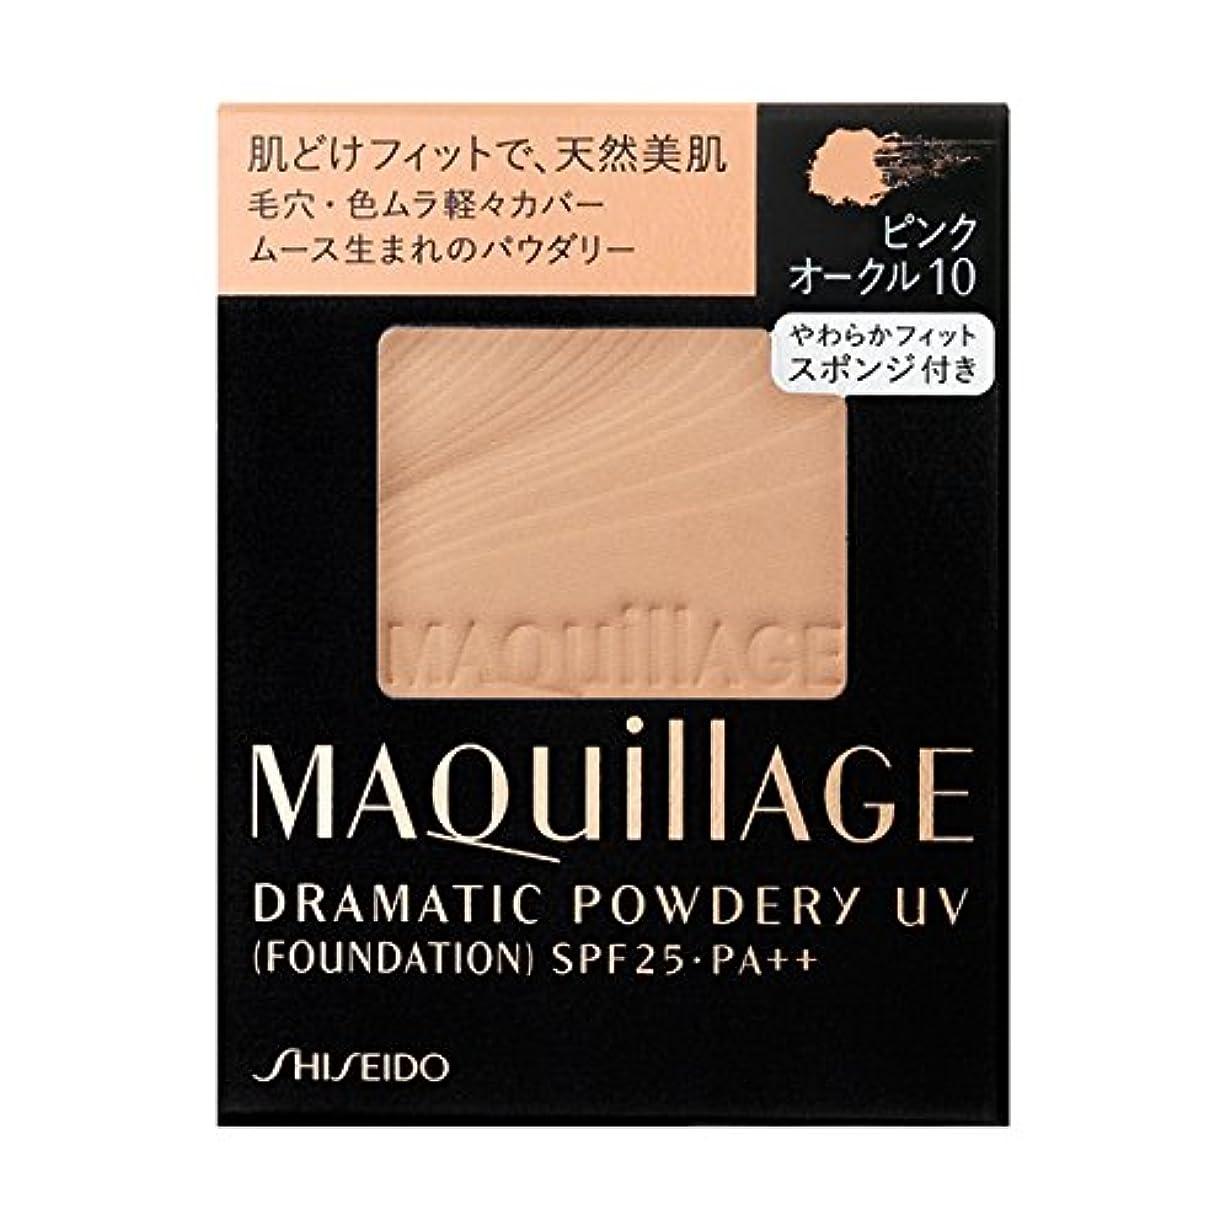 痛みスティック遺伝的<お得な2個パック>マキアージュ ドラマティックパウダリー UV(レフィル) ピンクオークル10 9.2g入り×2個